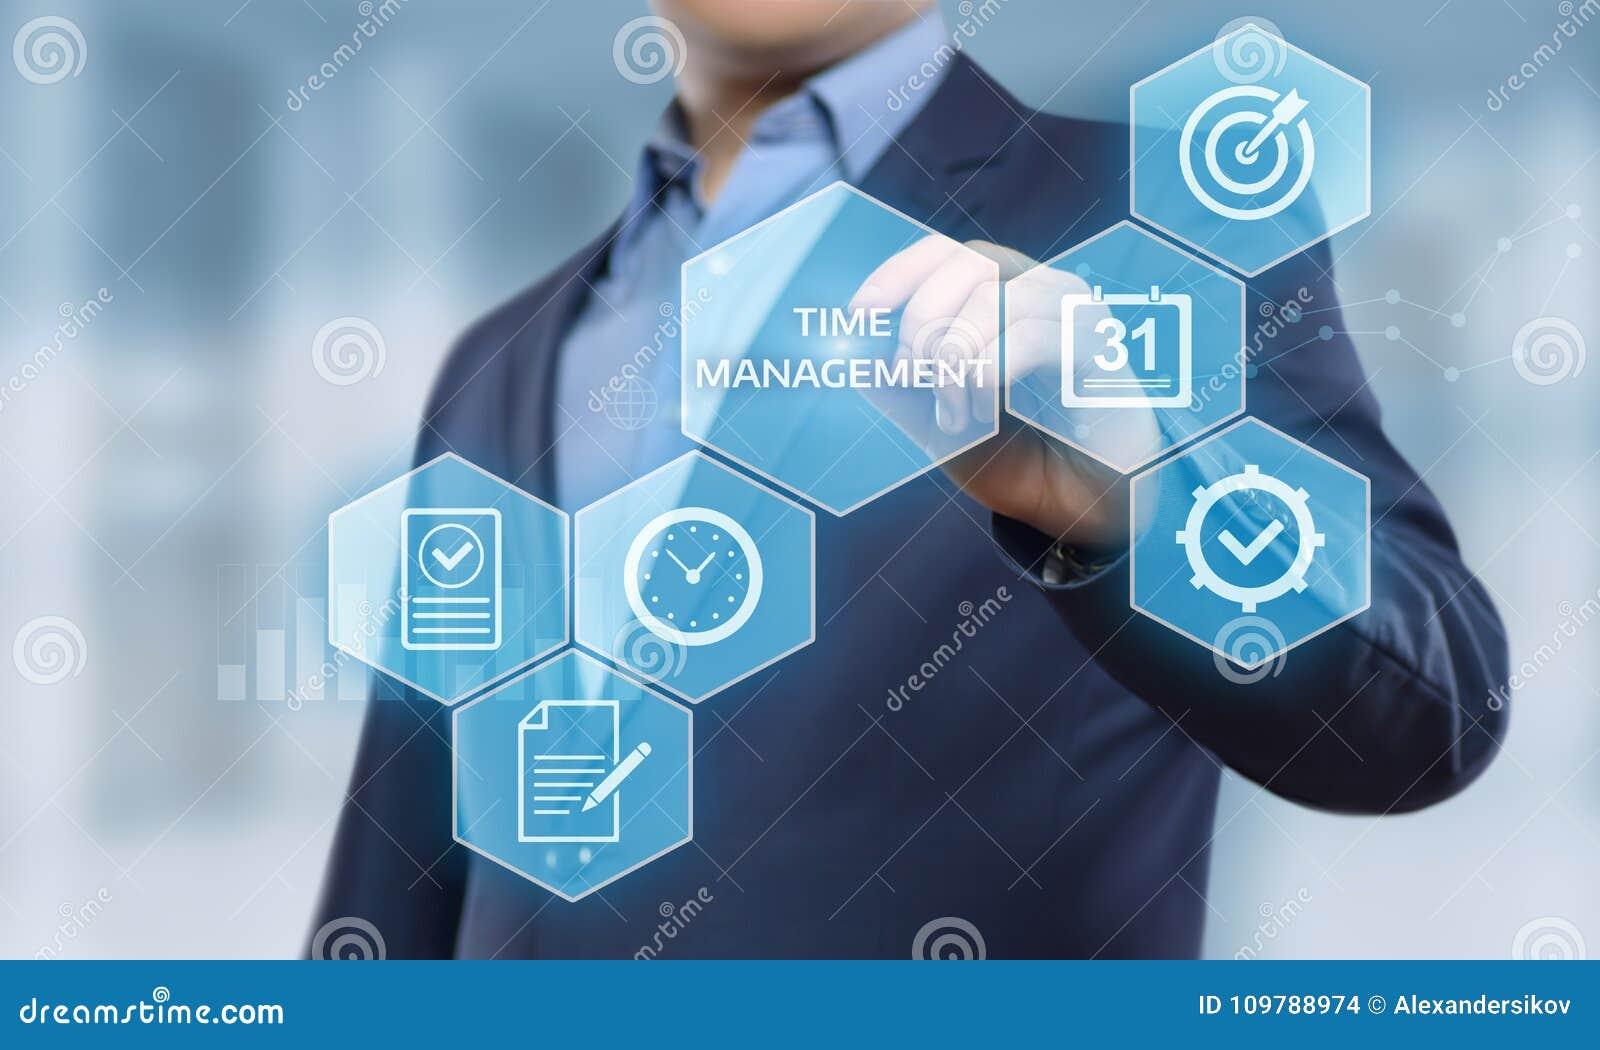 Begrepp för internet för teknologi för affär för mål för strategi för effektivitet för projekt för Tid ledning